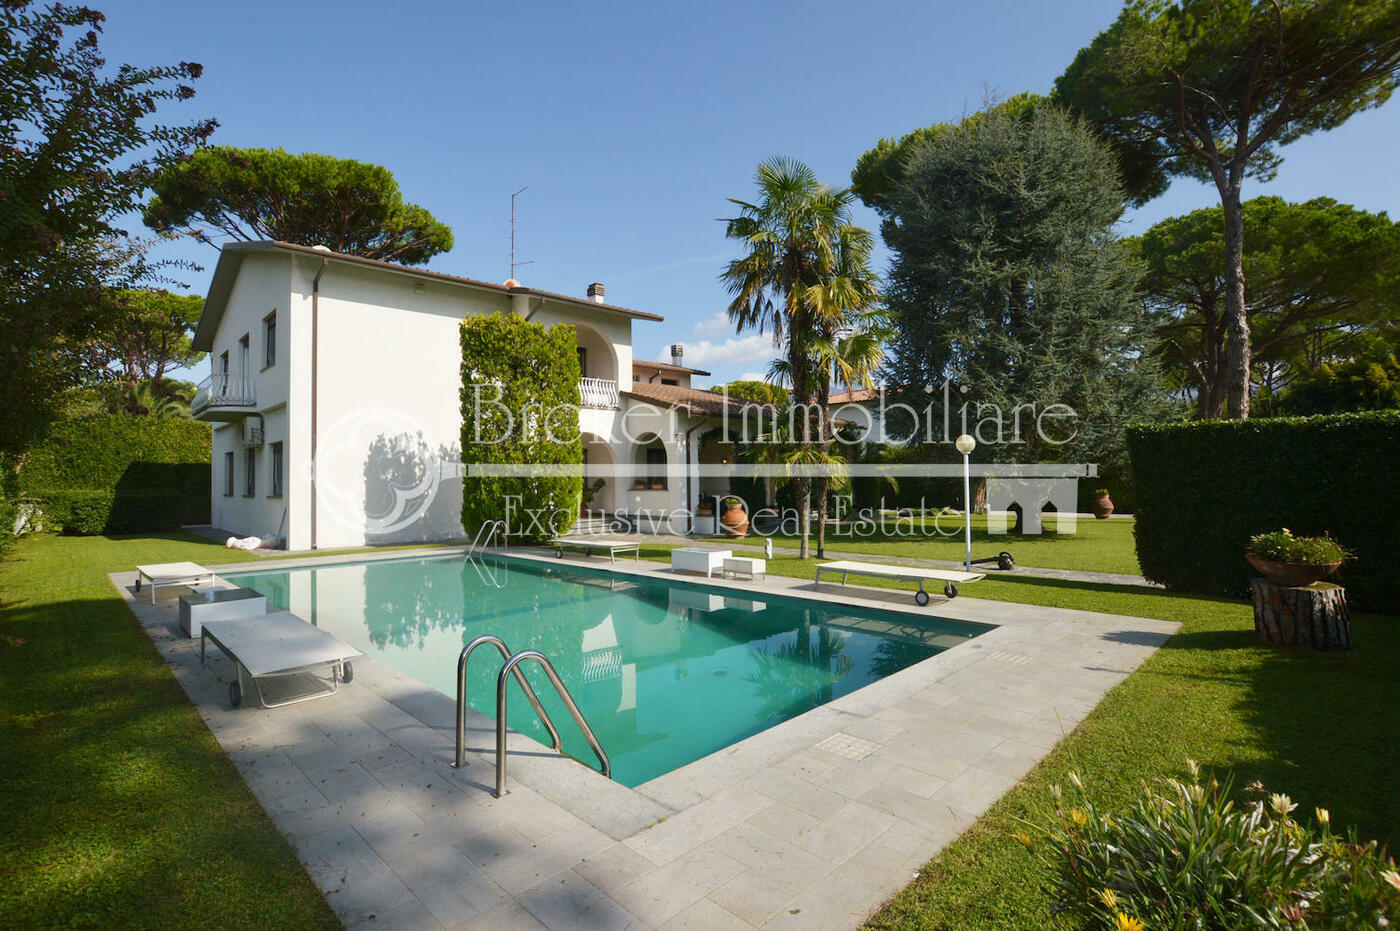 Villa in vendita a Forte dei Marmi con ampio giardino e piscina